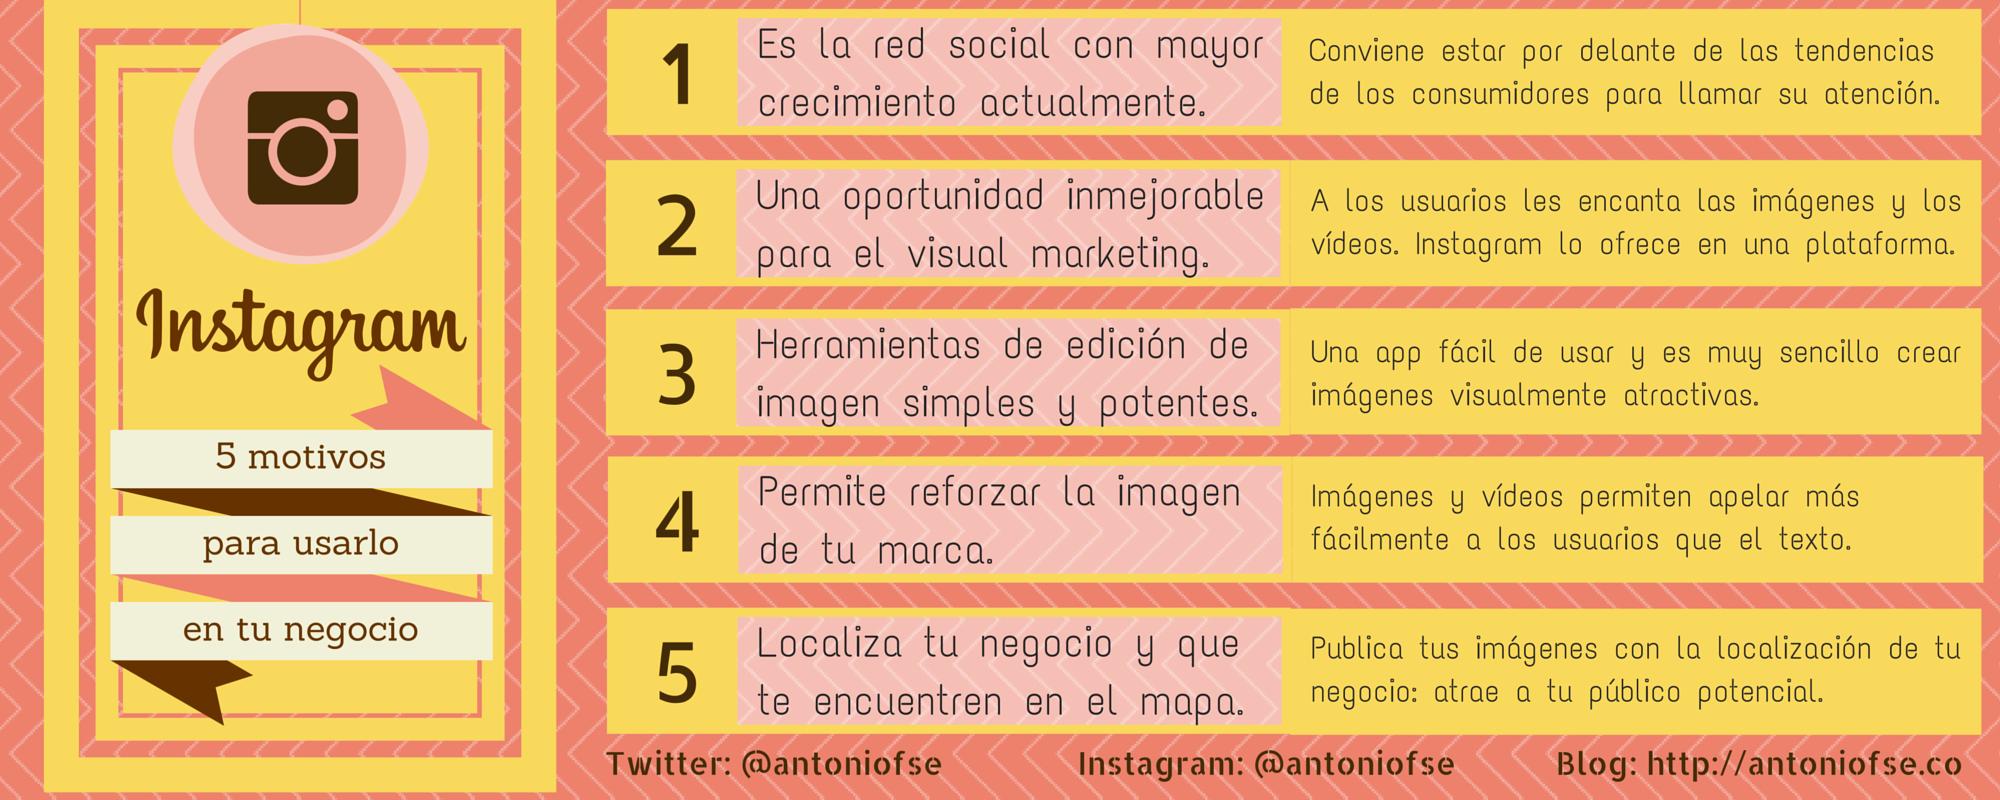 Instagram - 5 motivos para usarlo en tu negocio - Infografía